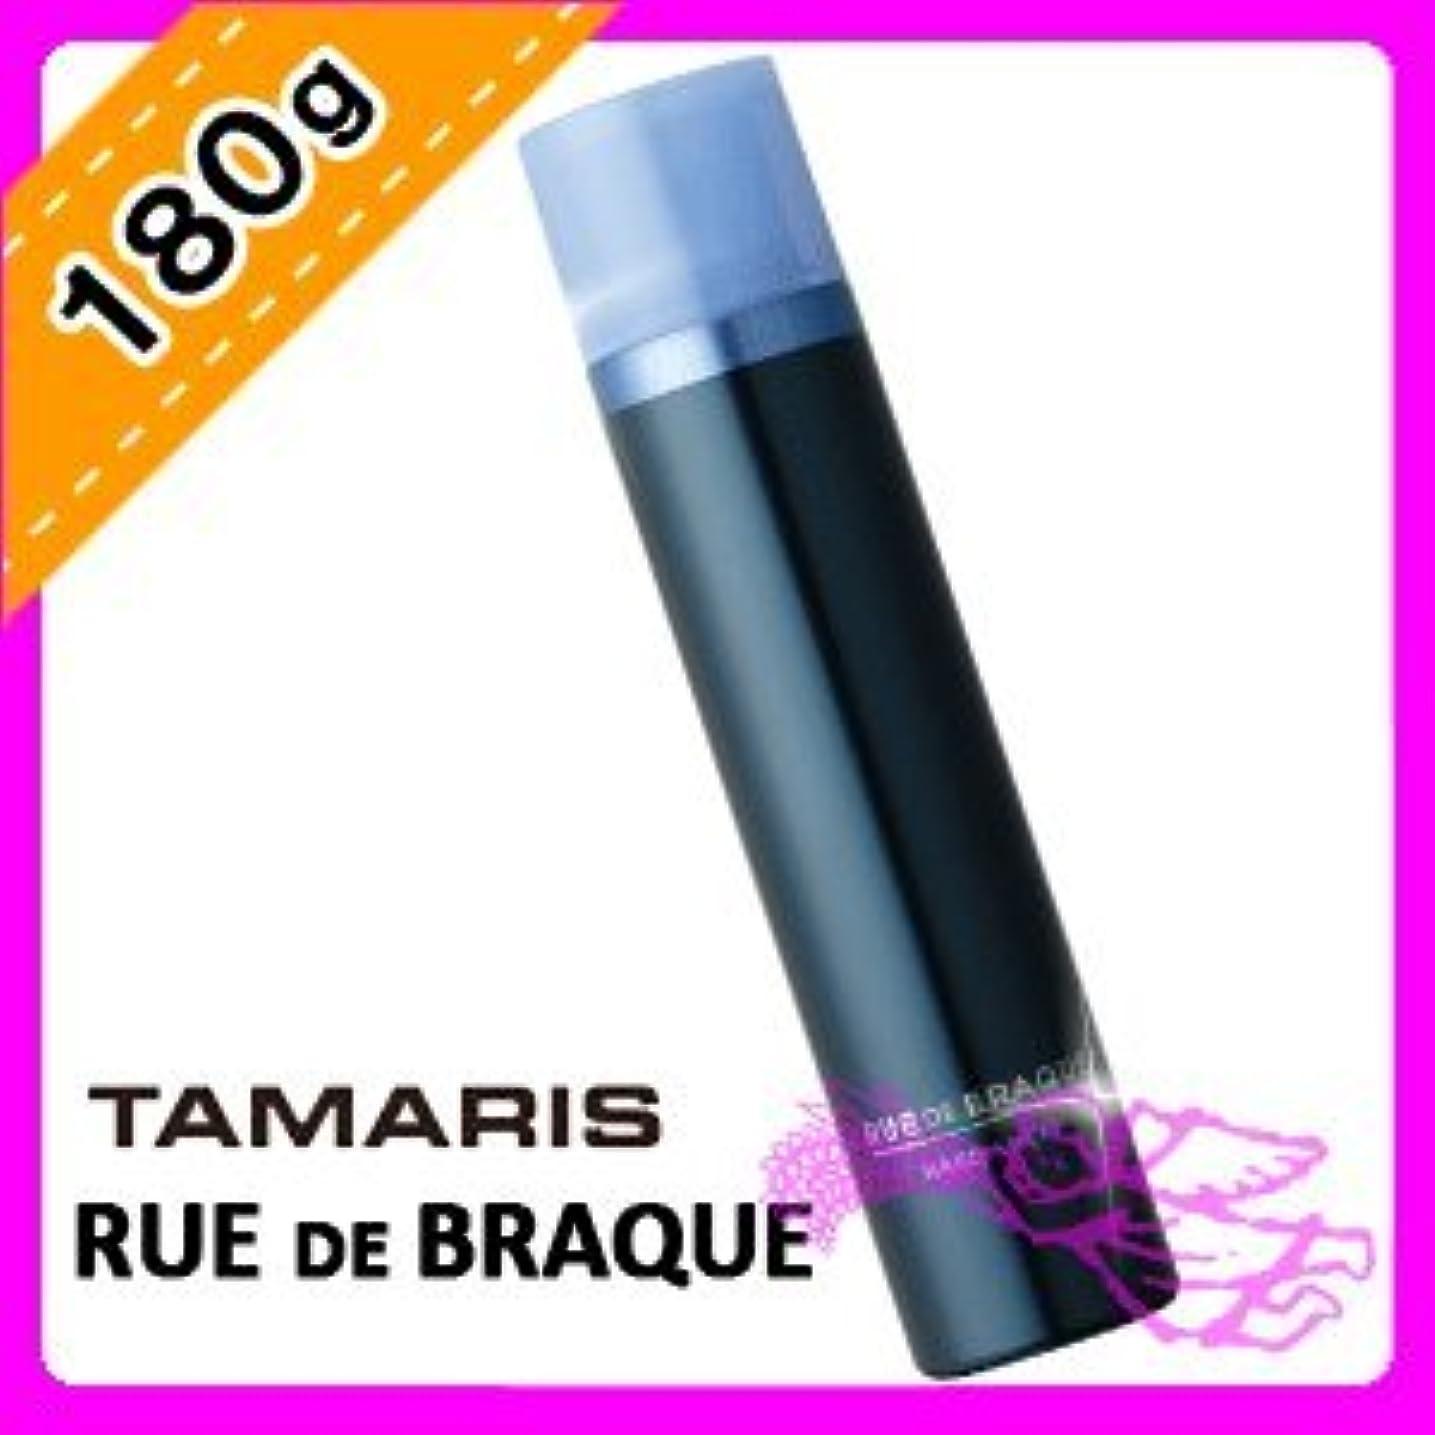 一元化する最後のネックレットタマリス ルードブラック ハードスプレー 180g TAMARIS RUE DE BRAQUE